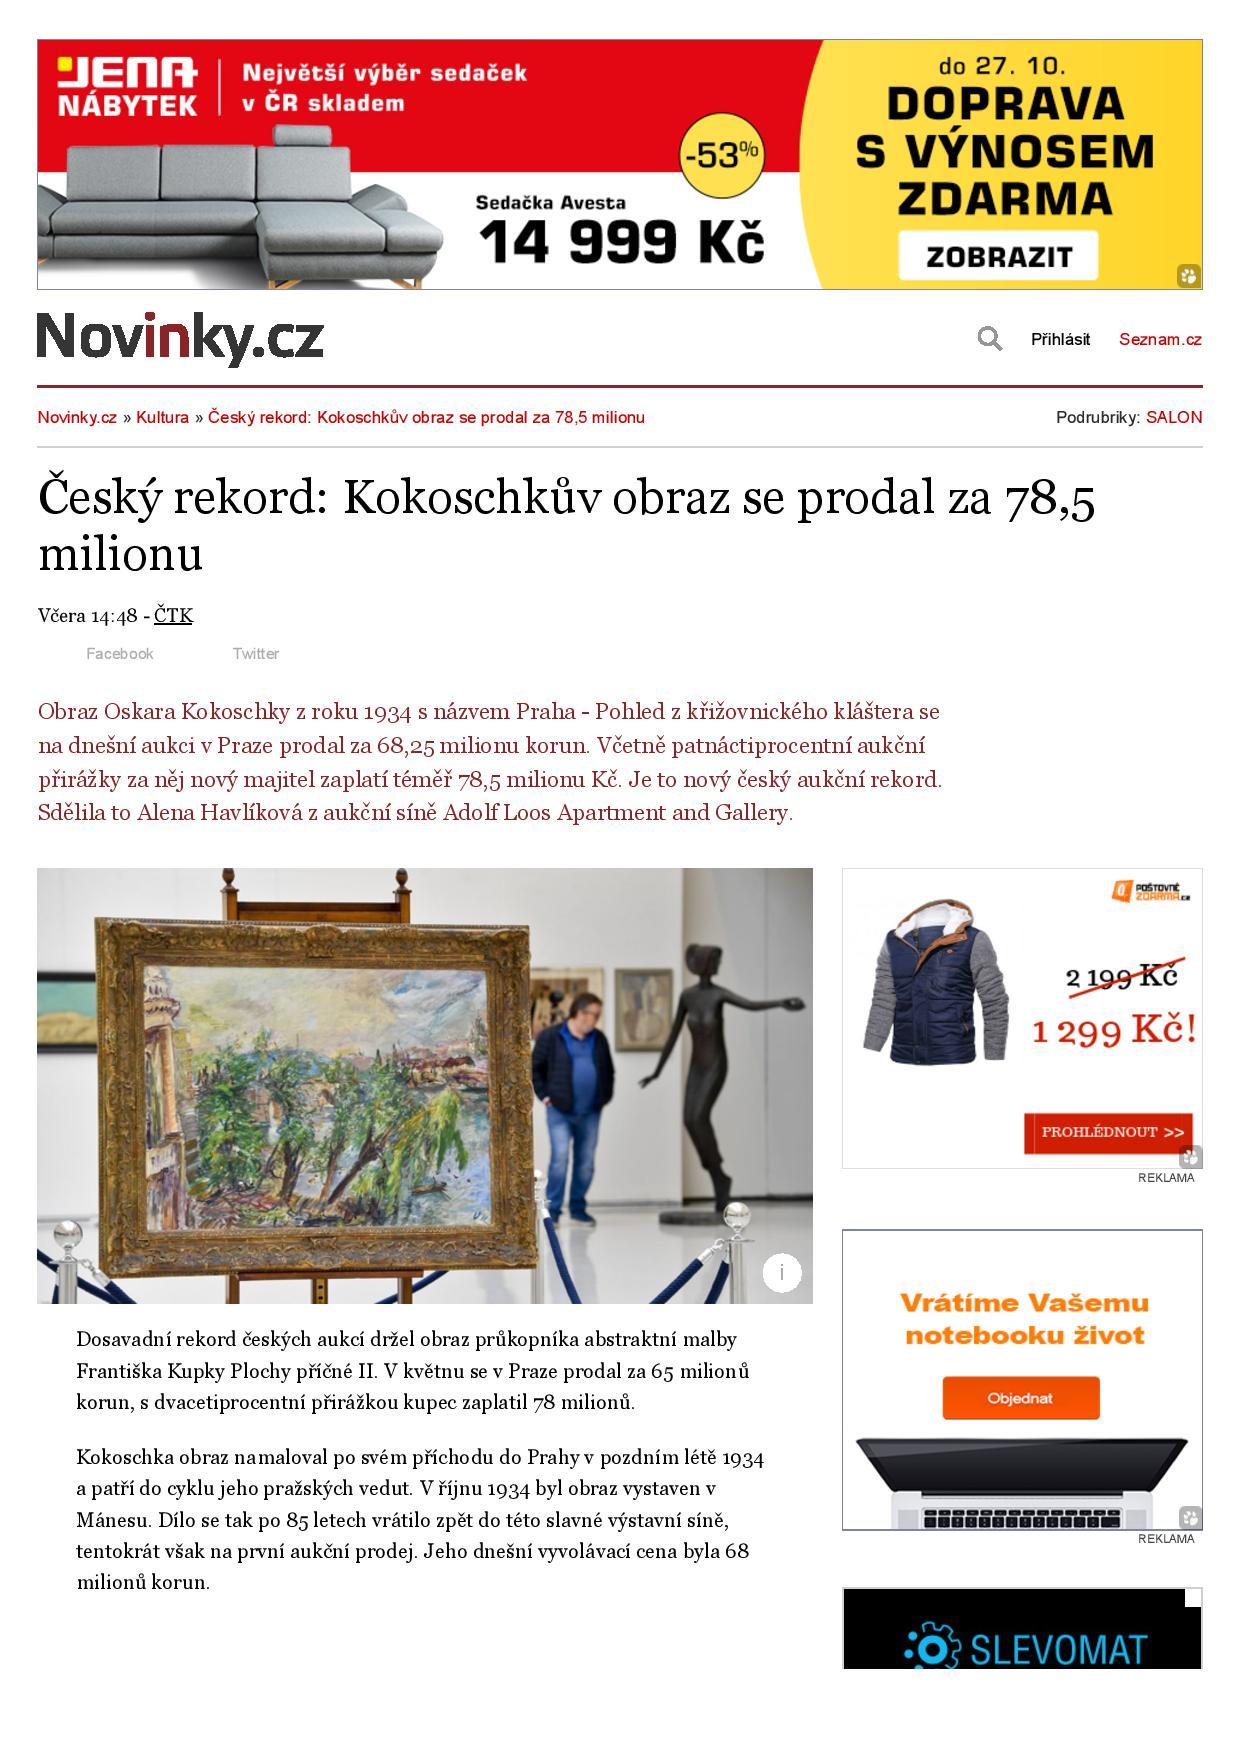 Novinky.cz, 20/10/2019, 1/2